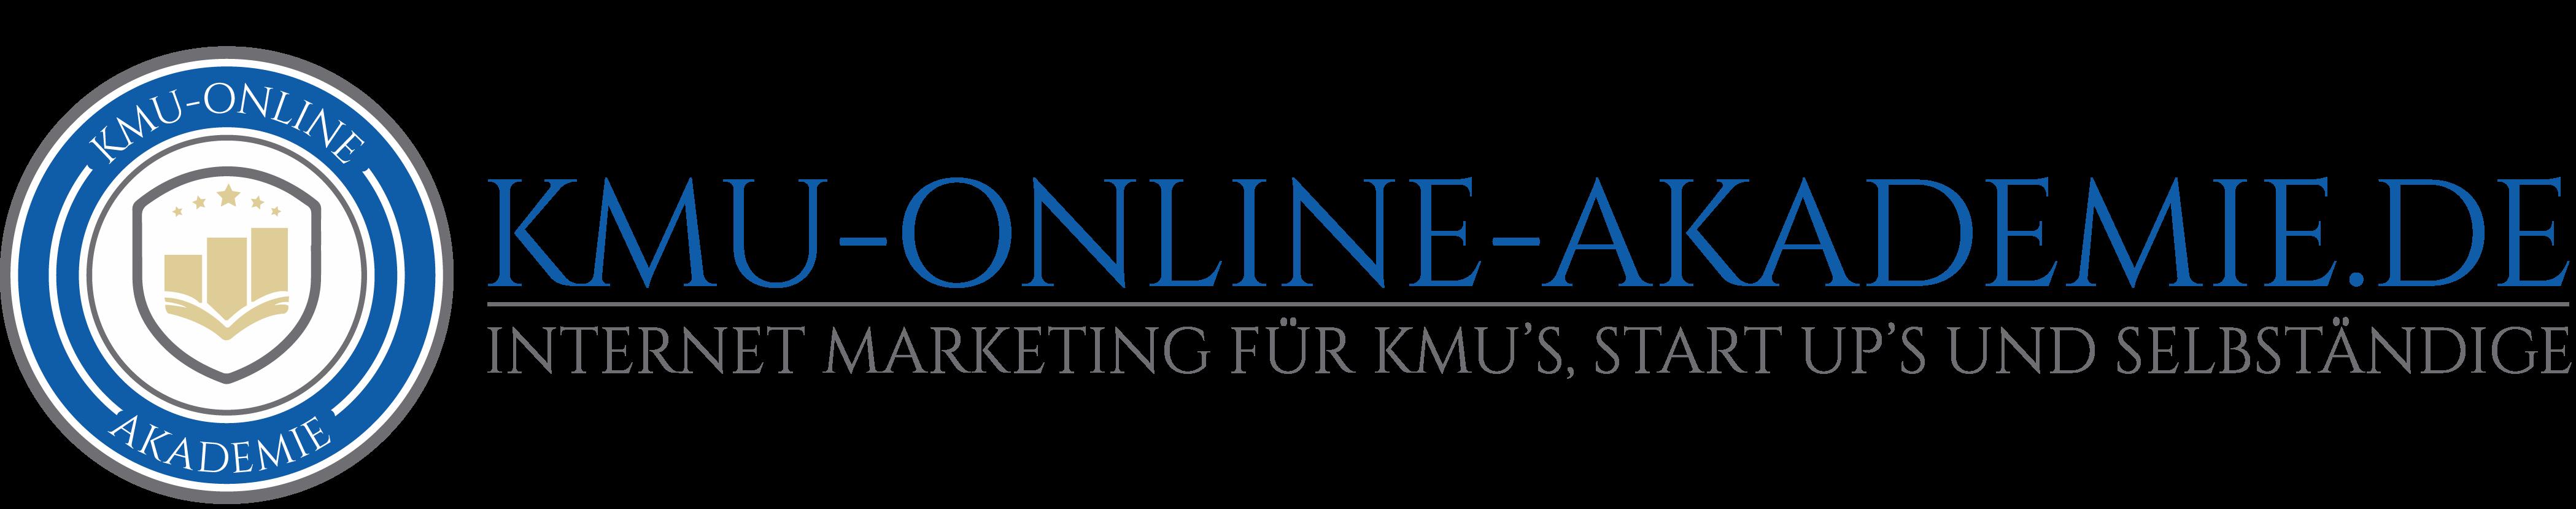 KMU-Online-Akademie